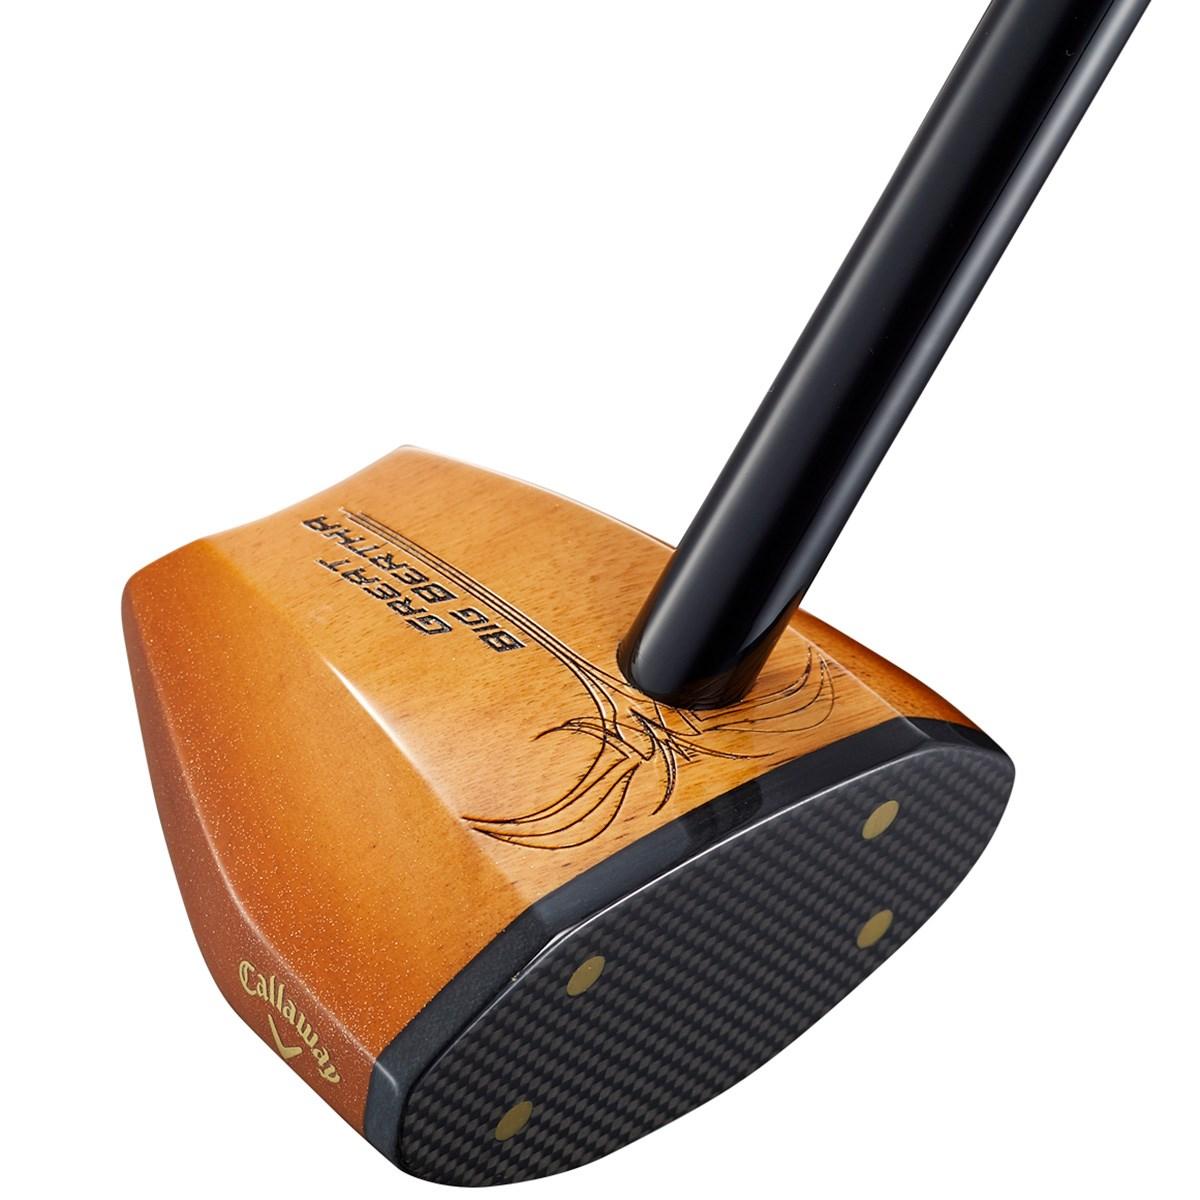 キャロウェイゴルフ(Callaway Golf) GREAT BIG BERTHA 19 JM パークゴルフクラブ